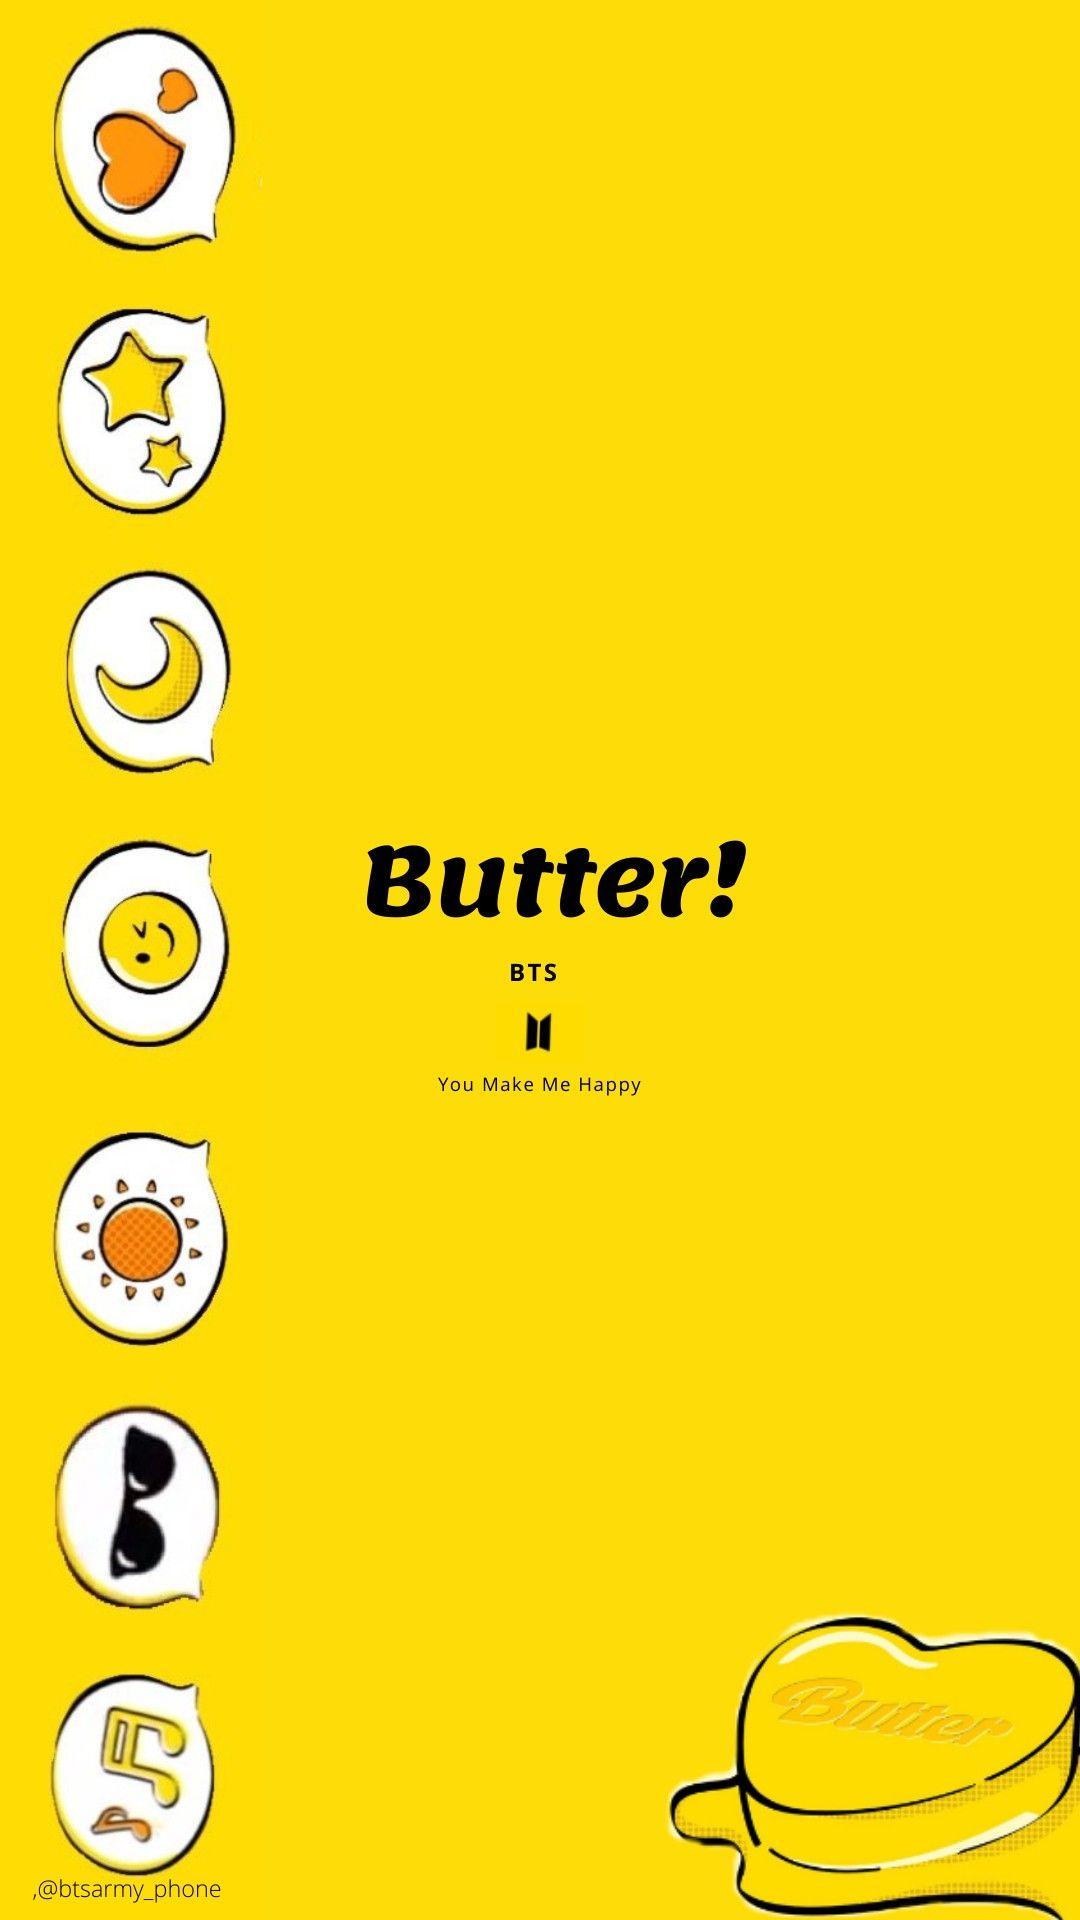 Bts Butter Wallpaper Di 2021 Desain Powerpoint Foto Grup Bts Seni Wallpaper bts butter pinterest